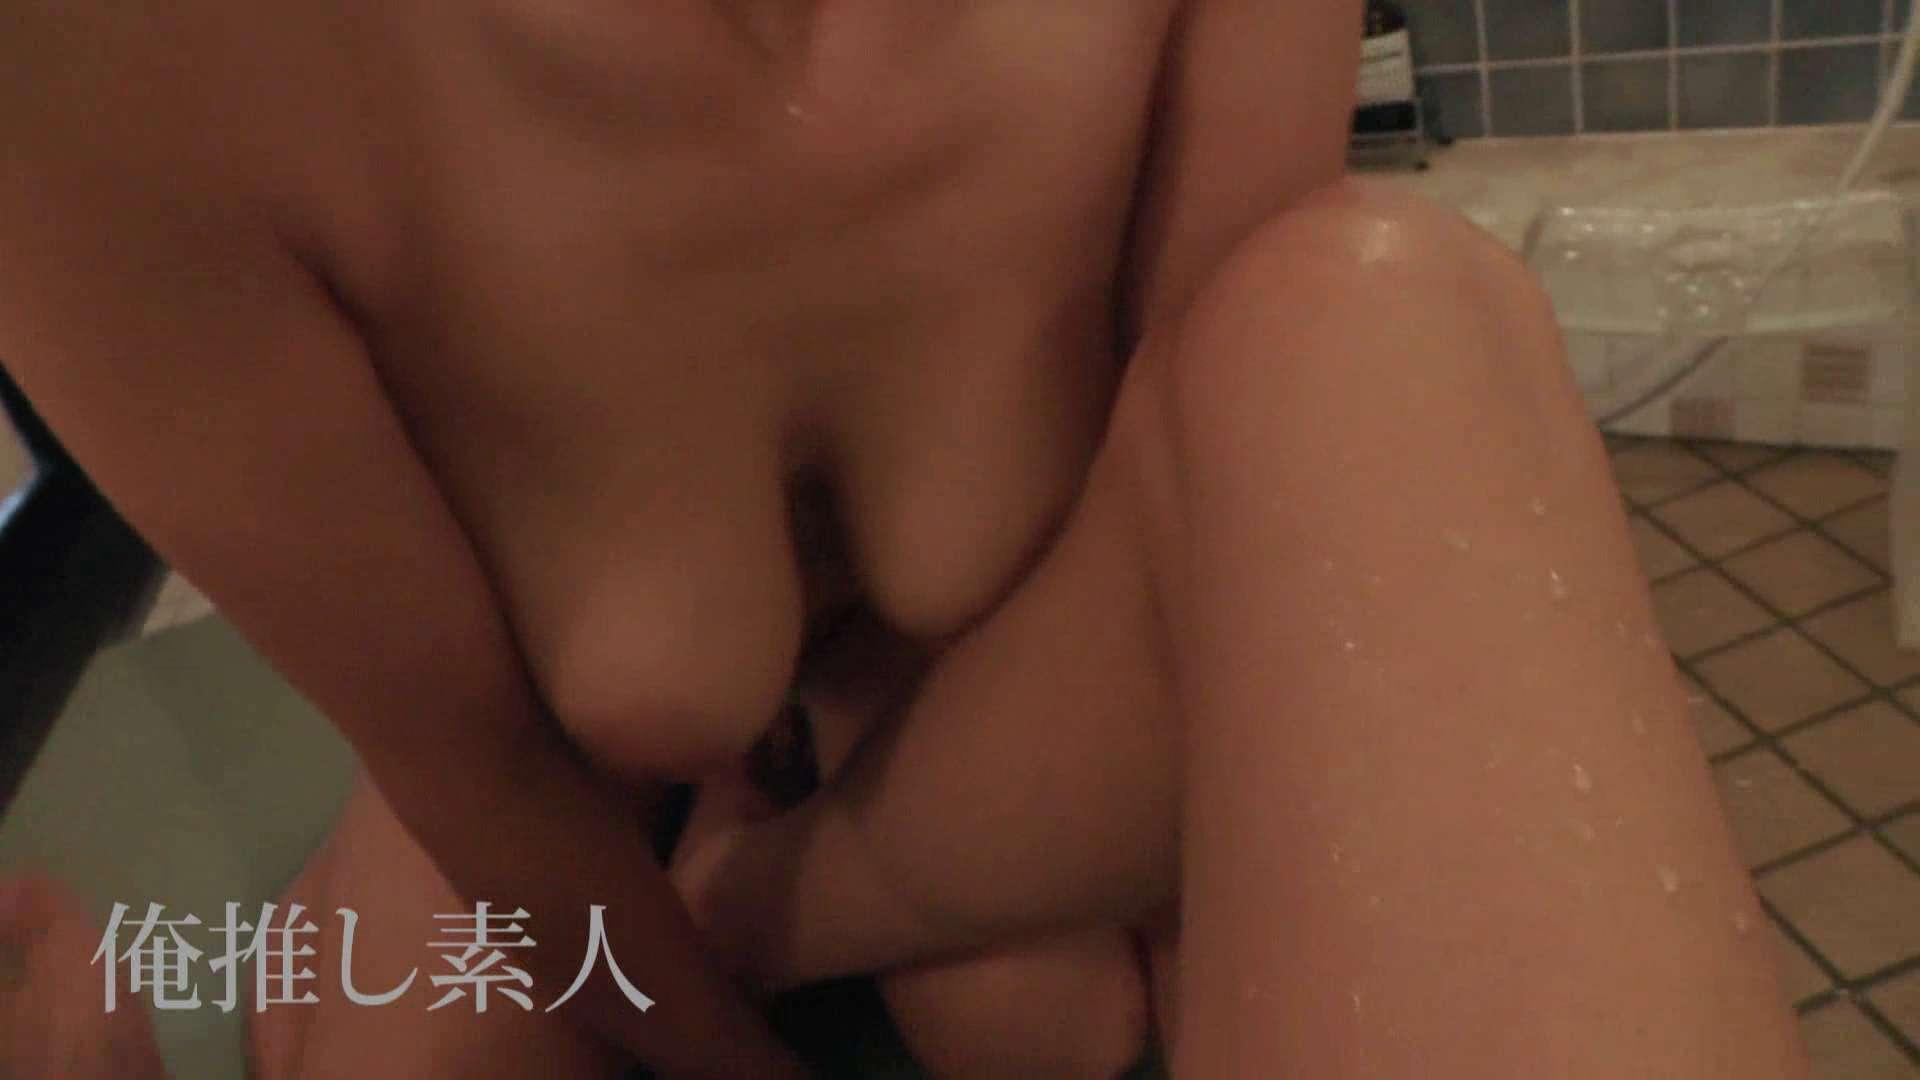 俺推し素人 30代人妻熟女キャバ嬢雫Vol.02 熟女 エロ画像 65PIX 41